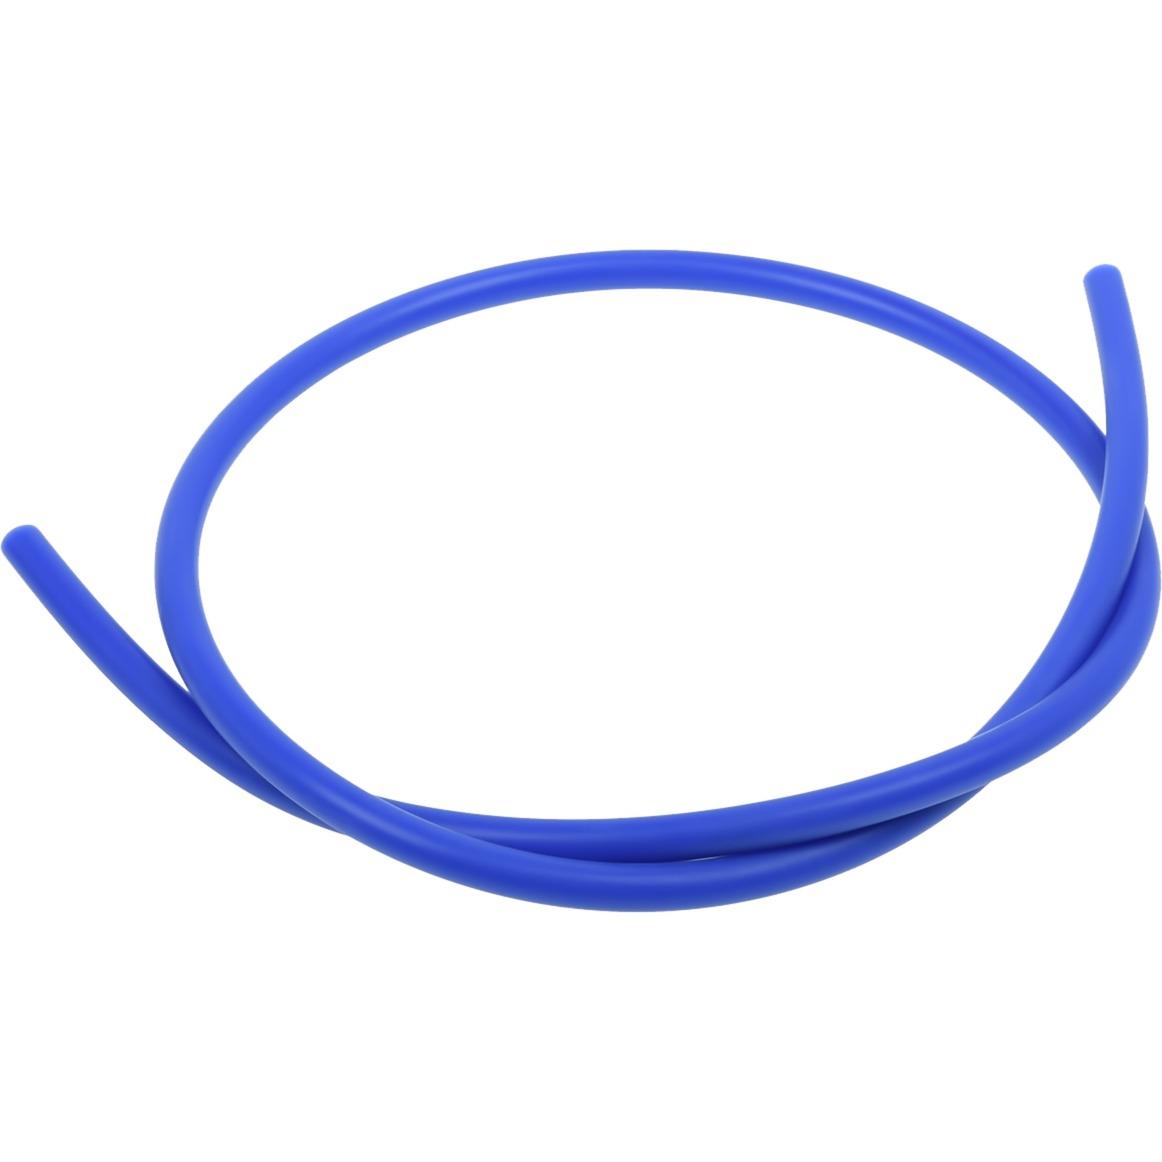 29117 1m Azul manguera de compresores de aire